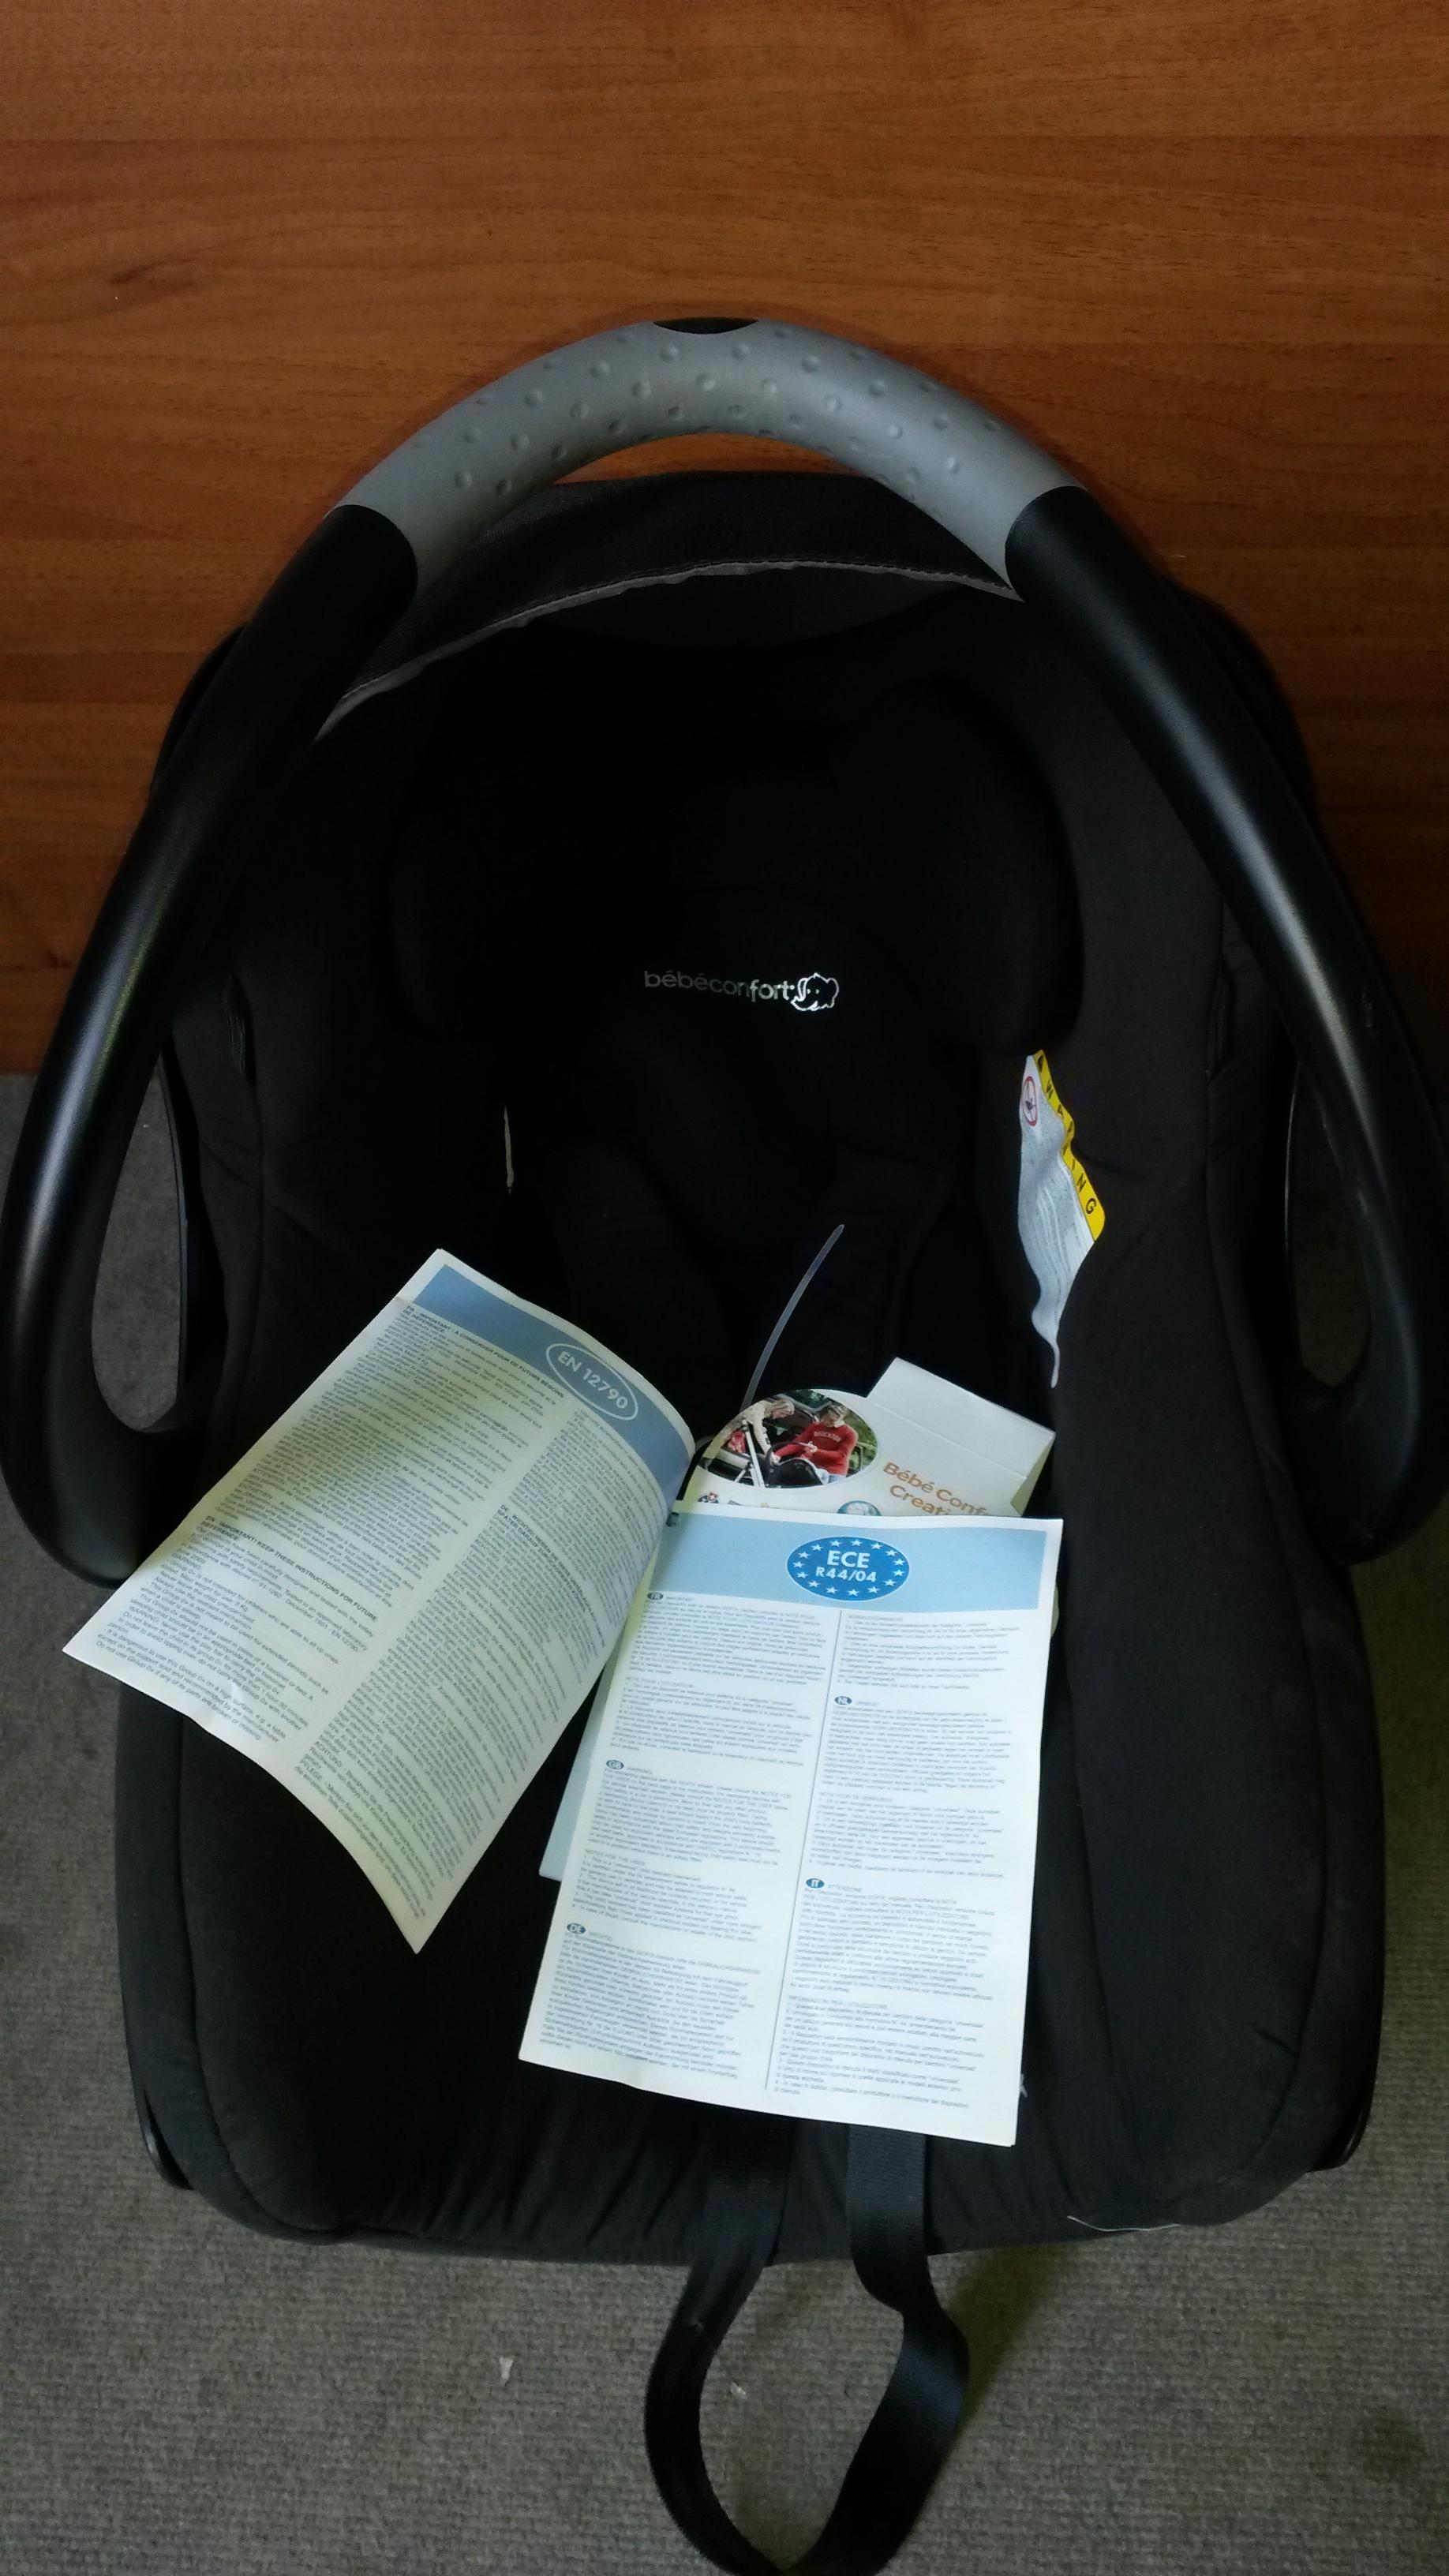 Bébé Confort Creatis Fix Autós hordozó 0-13 kg  67195abdc9